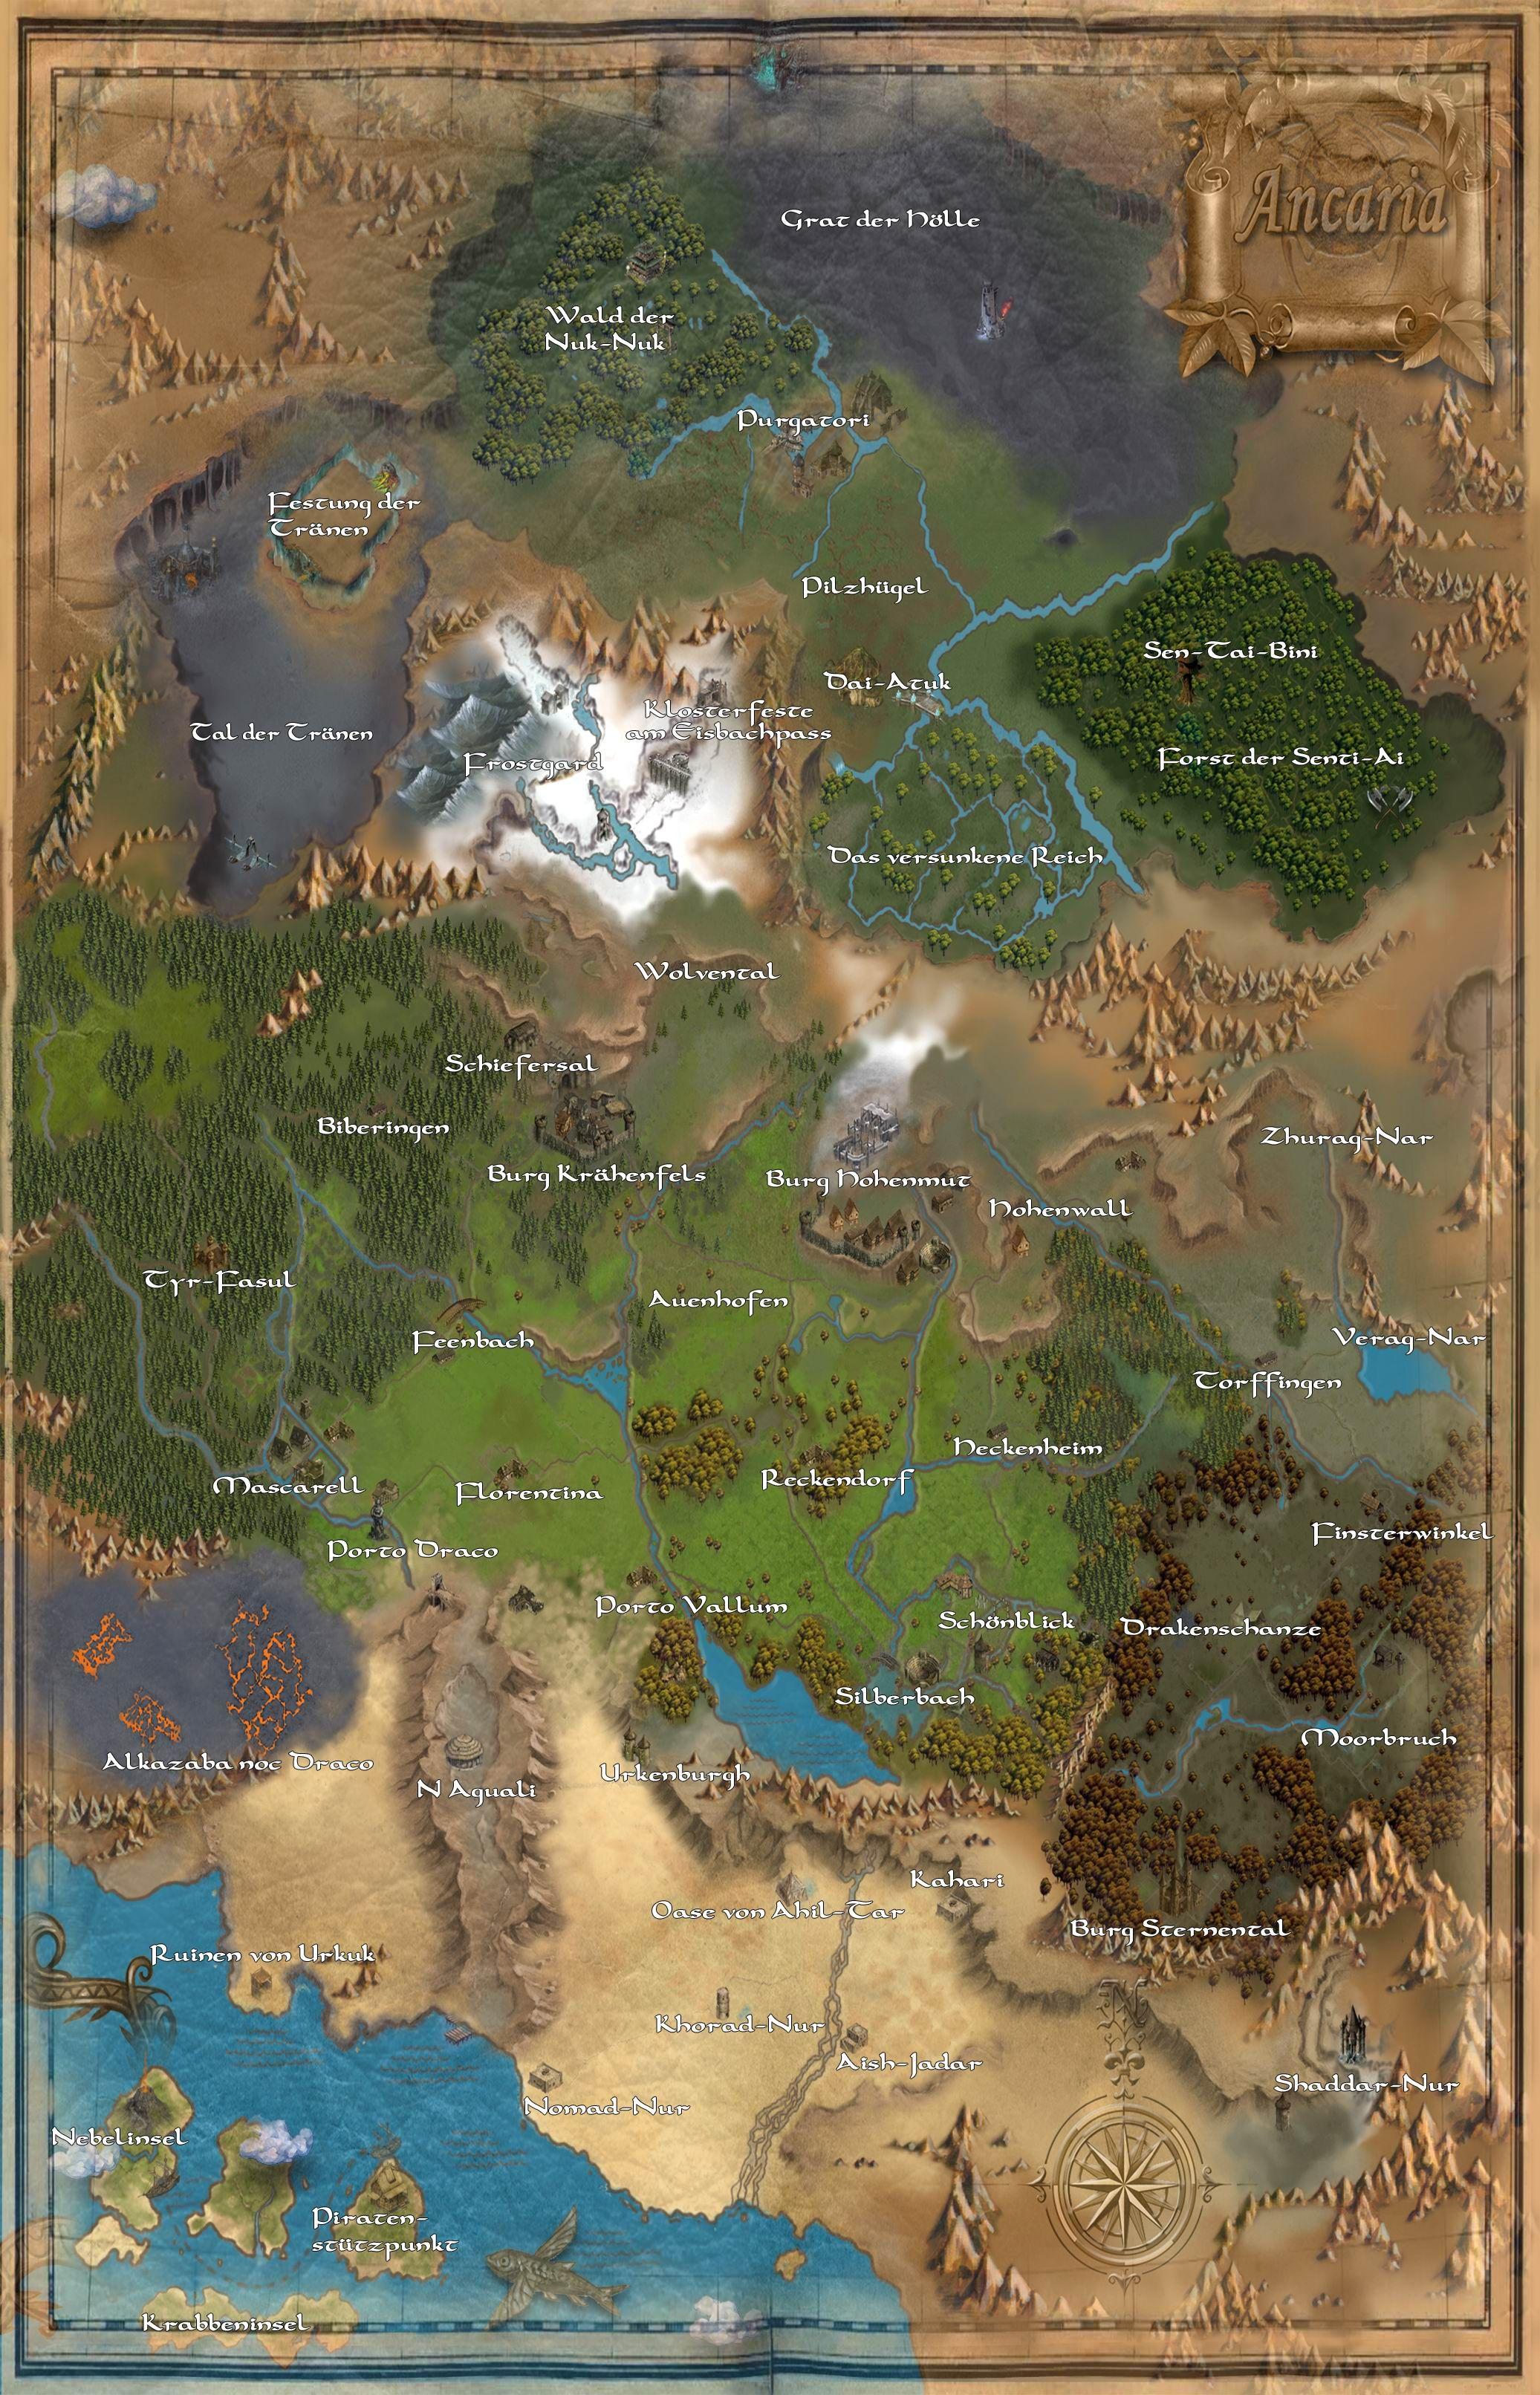 Sacred la leyenda del arma sagrada mapa del videojuego de rol de sacred la leyenda del arma sagrada mapa del videojuego de rol de gumiabroncs Image collections